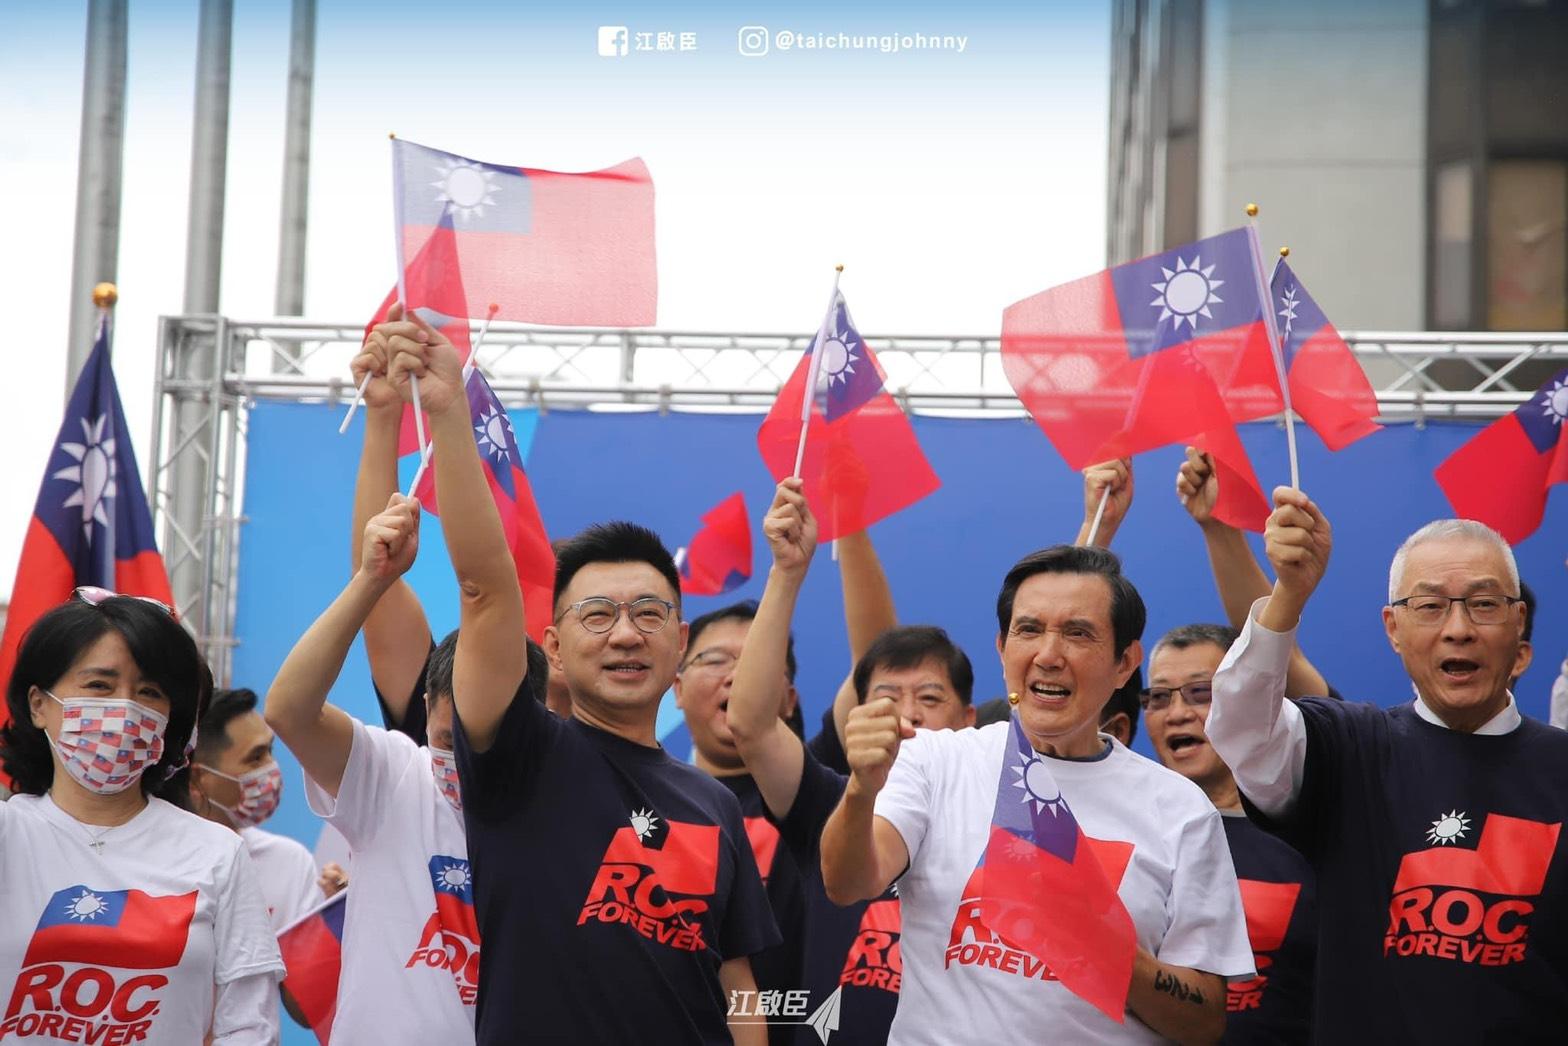 【孫廷禎觀點】為了國民,請國民黨拚起來、撩落去